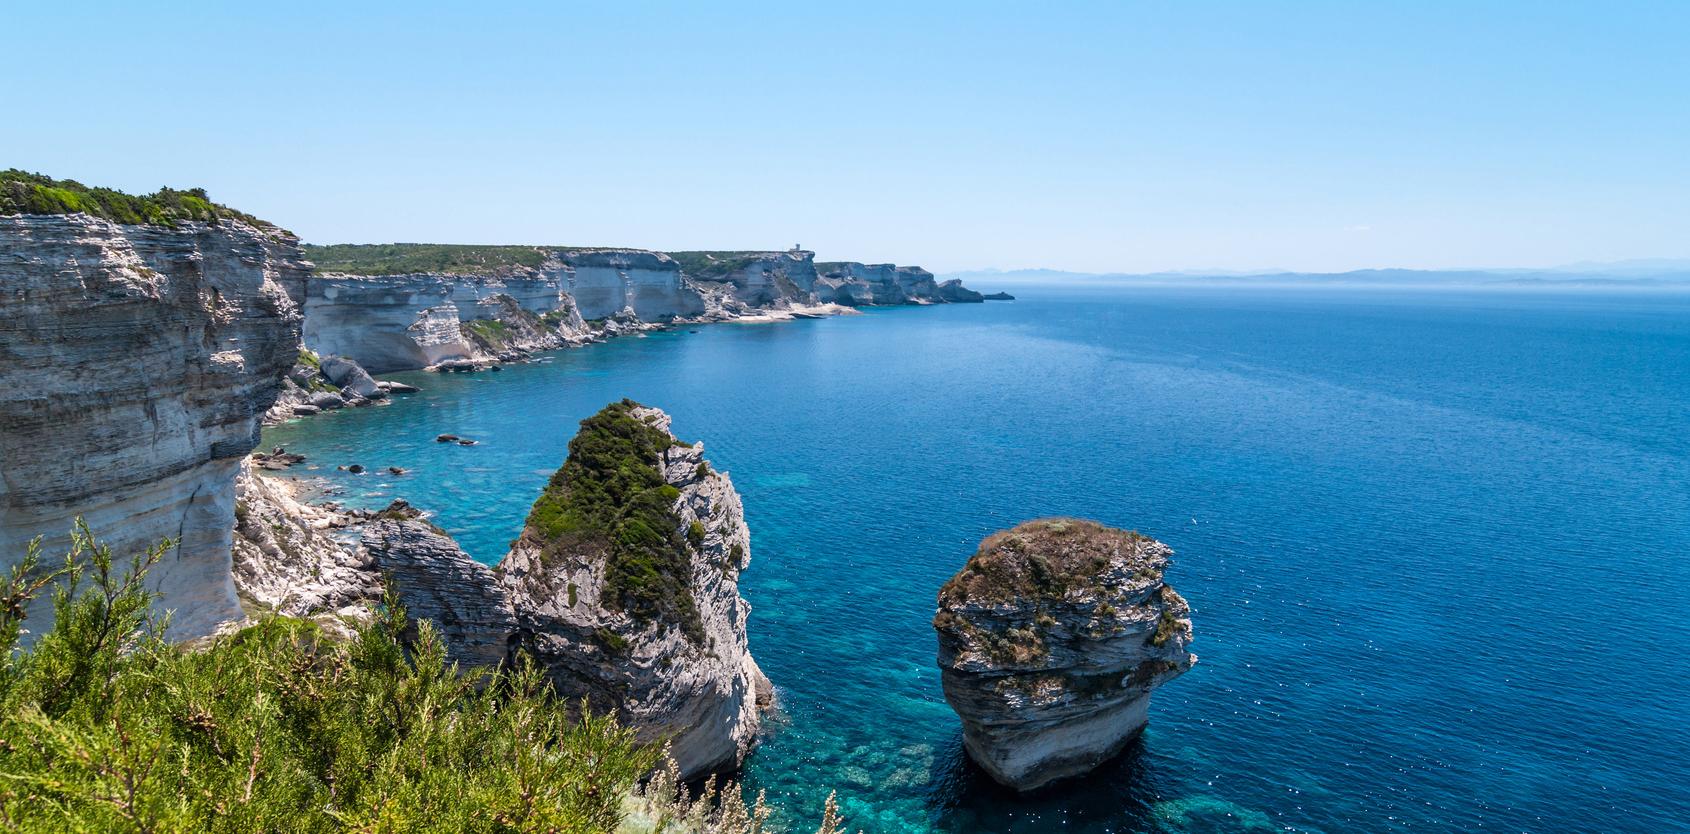 Découvrir la Méditerranée en voilier